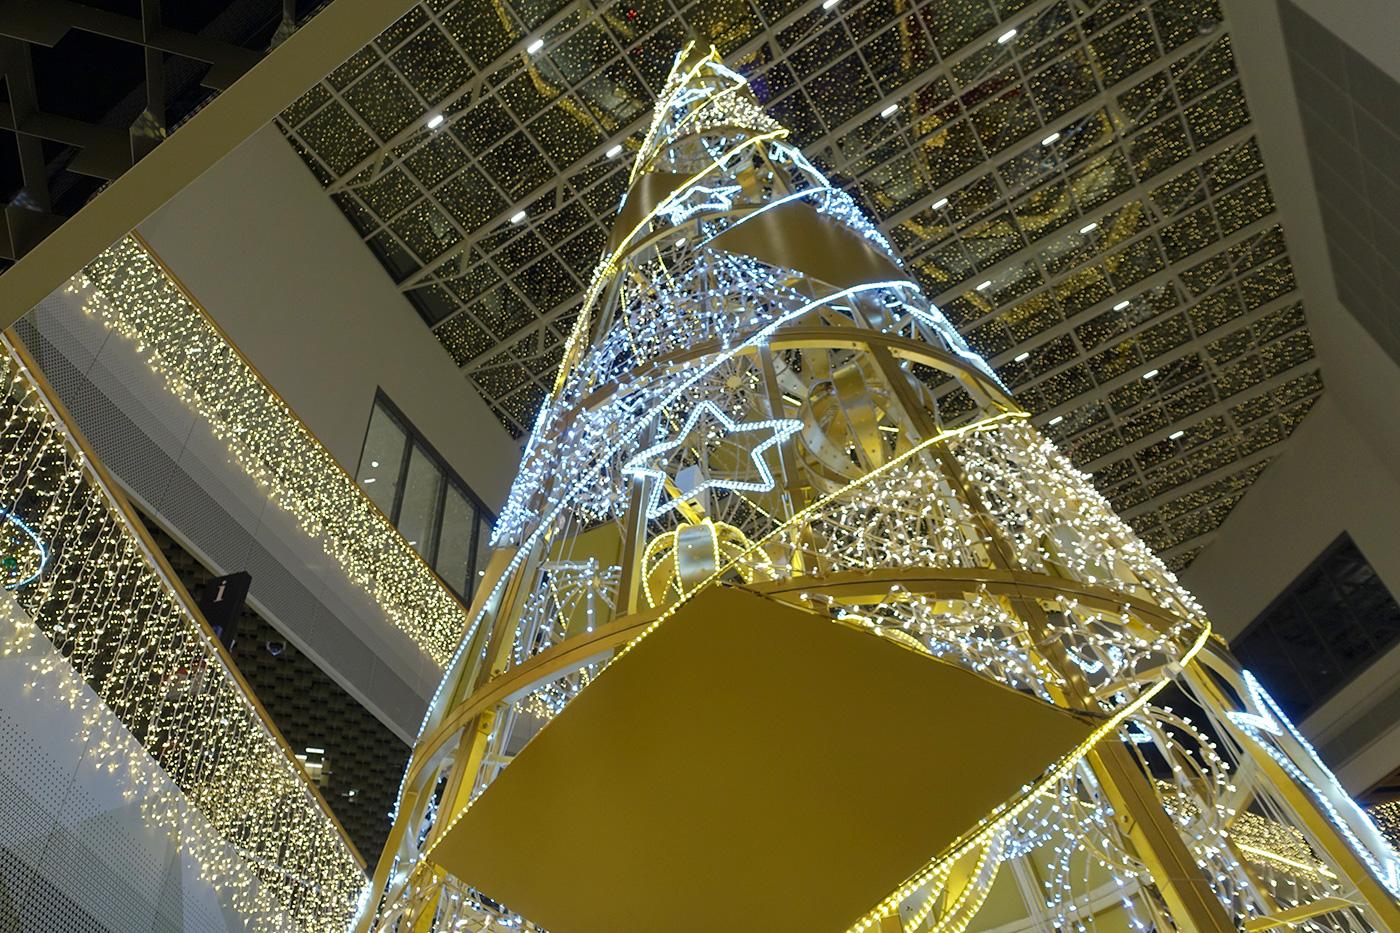 Über allem thront der metallene Weihnachtsbaum.